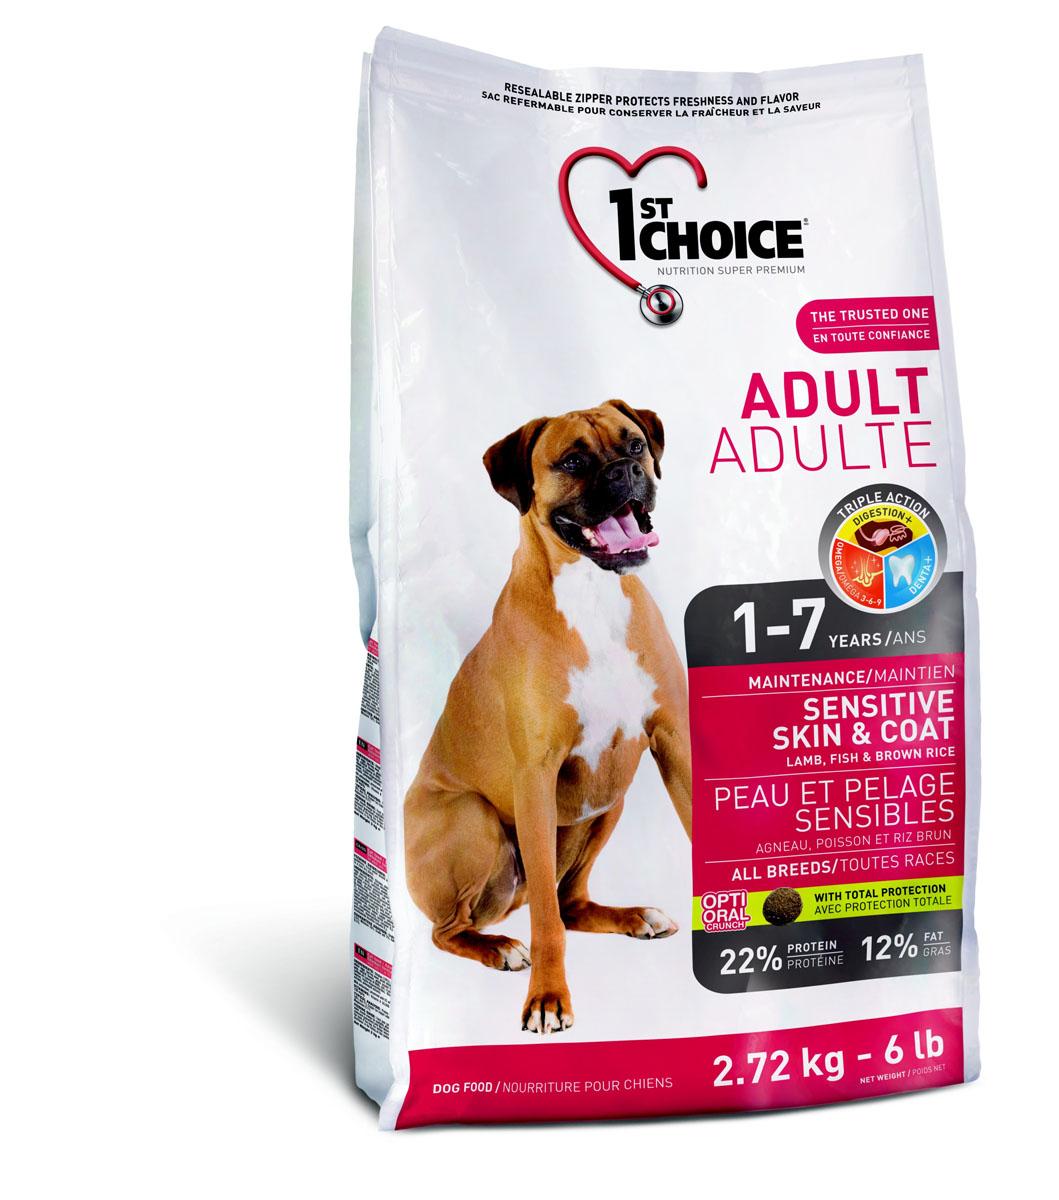 Корм сухой 1st Choice Sensitive Skin & Coat для взрослых собак с чувствительной кожей и шерстью, с ягненком, рыбой и рисом, 2,72 кг56684Сухой корм 1st Choice Sensitive Skin & Coat предназначен для взрослых собак с чувствительной кожей и шерстью. Ягненок и рыба (потенциально гипоаллергенные источники протеина) - главные ингредиенты этой сбалансированной и очень вкусной формулы. Добавление натуральных пребиотиков, таких как экстракт цикория - источник инулина (фруктоолигосахарид) и дрожжевой экстракт (маннан-олигосахариды) способствует росту и развитию полезной кишечной микрофлоры, которая укрепляет иммунную систему организма. Экстракт имбиря снижает тошноту и газообразование. Превосходное сочетание экстракта зеленого чая, быстрорастворимого витамина С, клетчатки, мяты и петрушки освежает дыхание и обеспечивает гигиену зубов и полости рта. Сочетание Омега -3-6-9 жирных кислот и L-цистина делают шерсть блестящей, а кожу здоровой. Ингредиенты: мука из мяса ягненка, мука из мяса сельди, коричневый рис, картофельная мука, перловая крупа, дробленый рис, овсяная крупа, растительное масло (источник Омего-6...